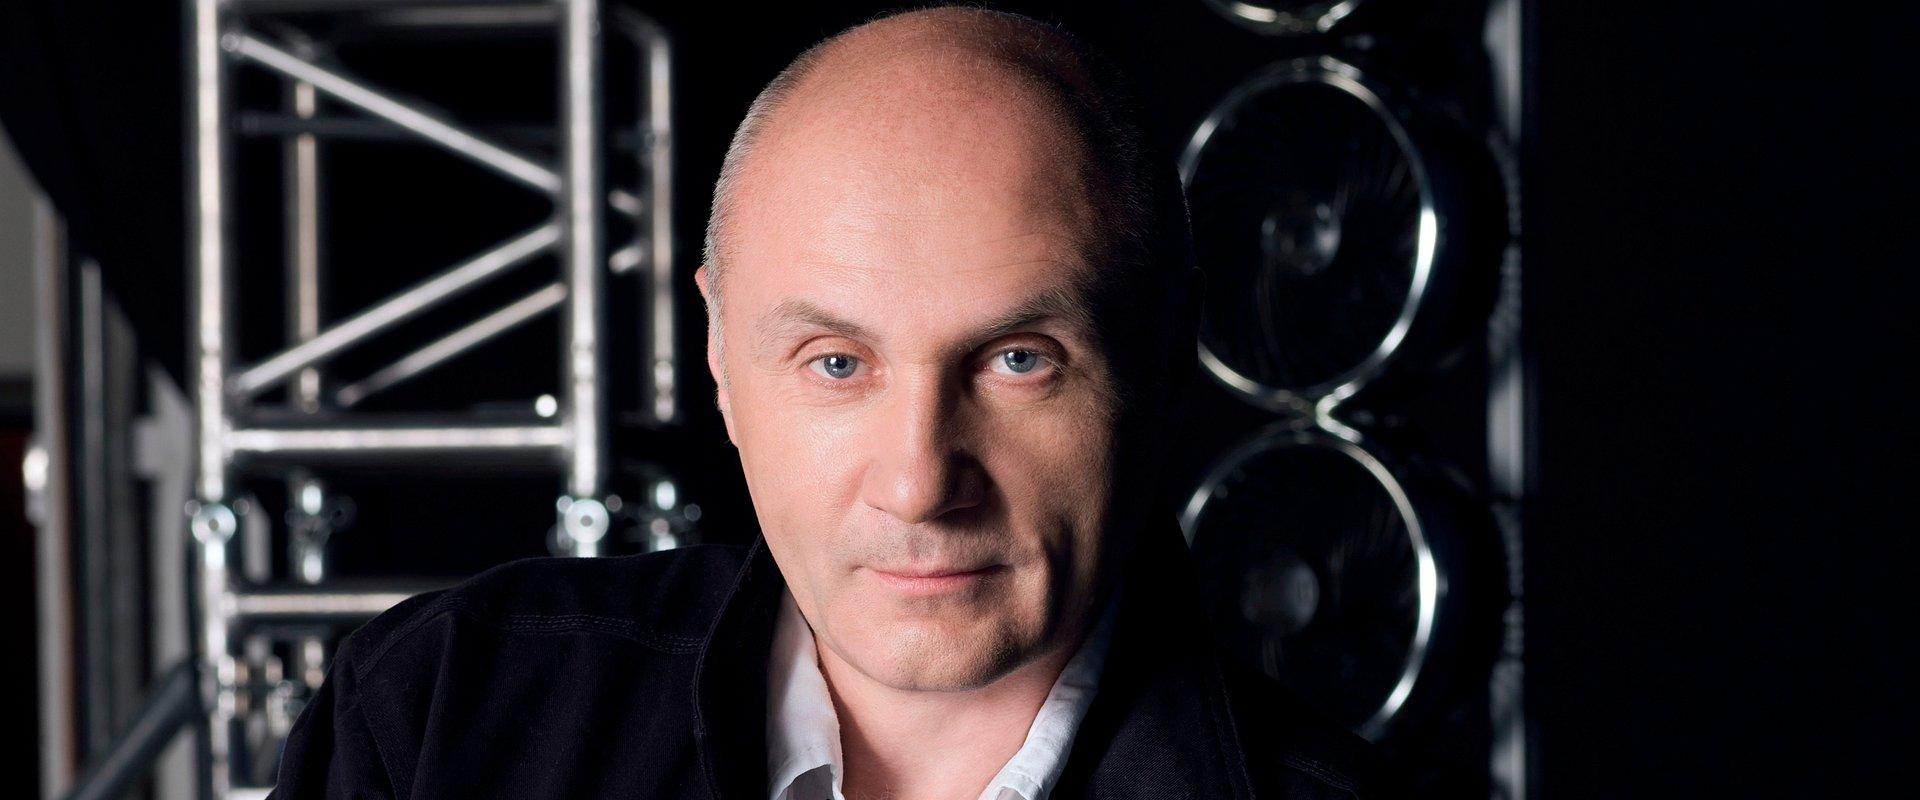 Adam Pieczyński kończy karierę zawodową i odchodzi ze stanowiska szefa pionu informacji TVN. Jego następcą zostanie Michał Samul.